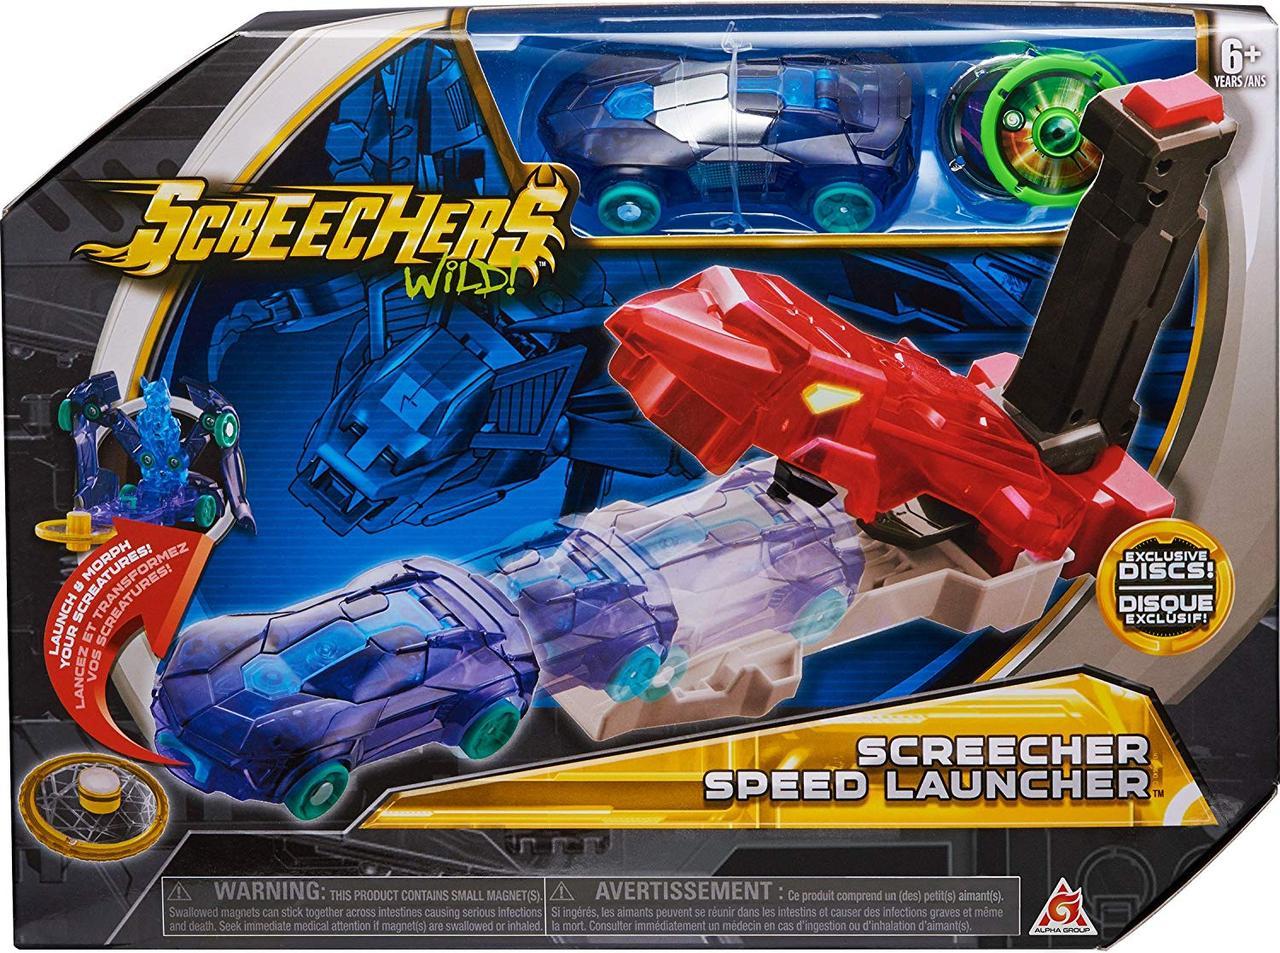 Набор Пускатель машинок Скричерс / Screechers Wild Screecher Speed Launcher Оригинал США